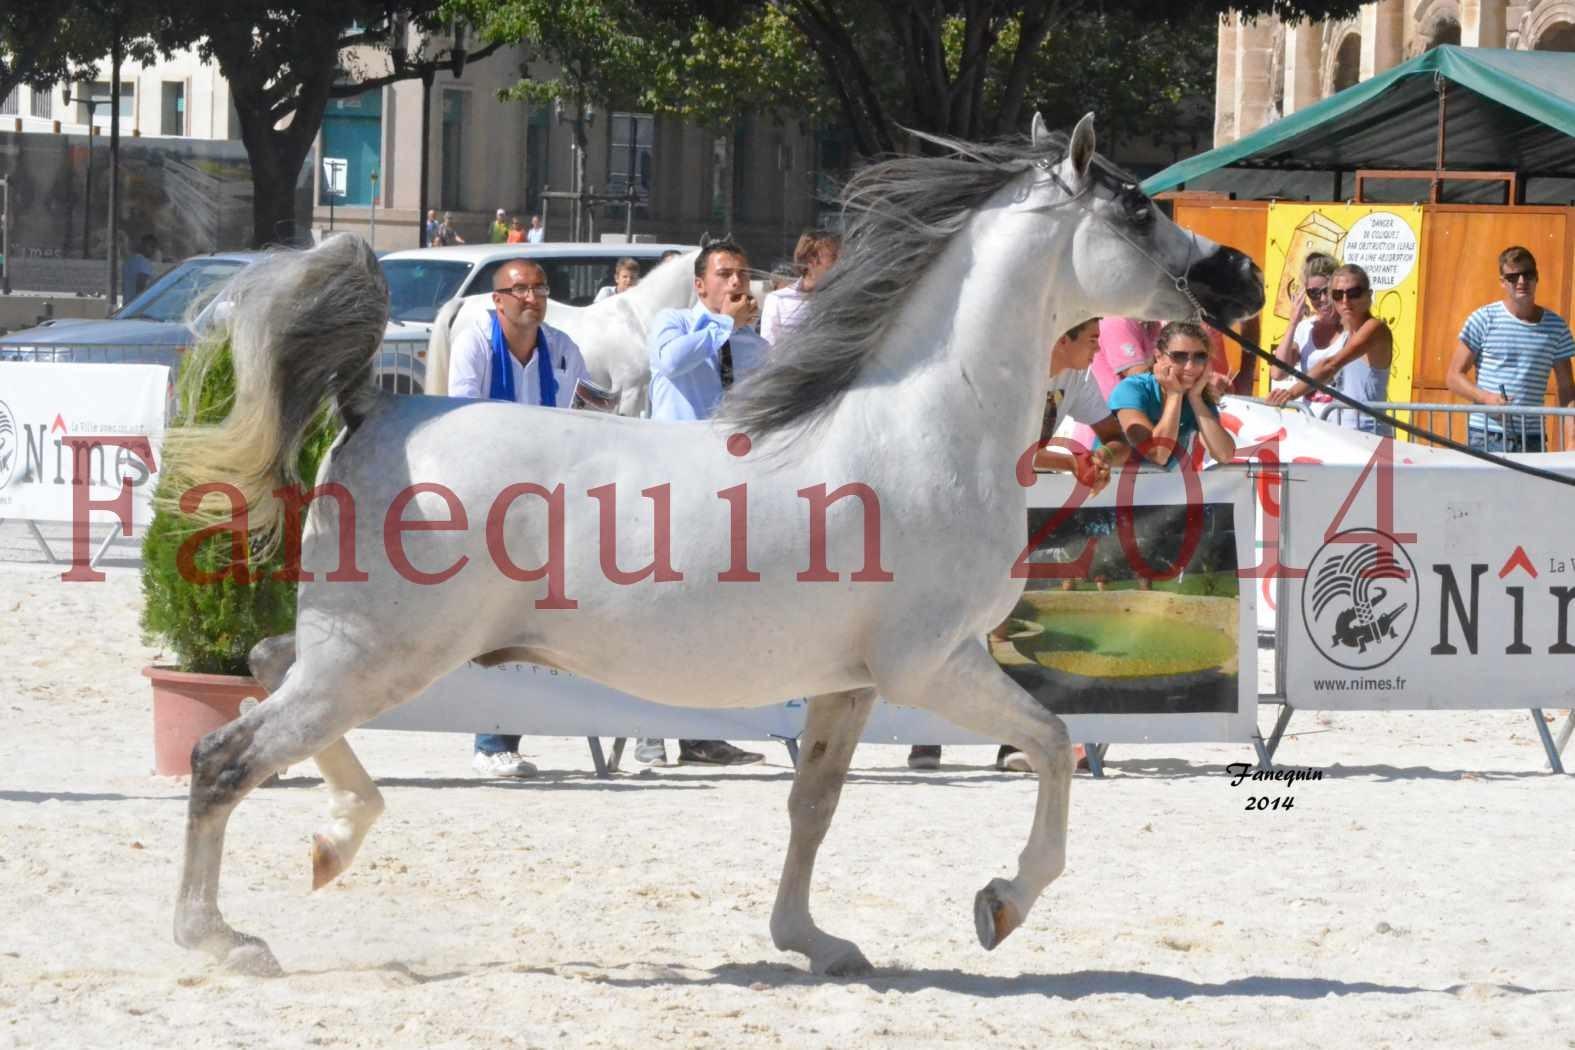 Concours National de Nîmes de chevaux ARABES 2014 - Notre Sélection - SHAOLIN DE NEDJAIA - 07